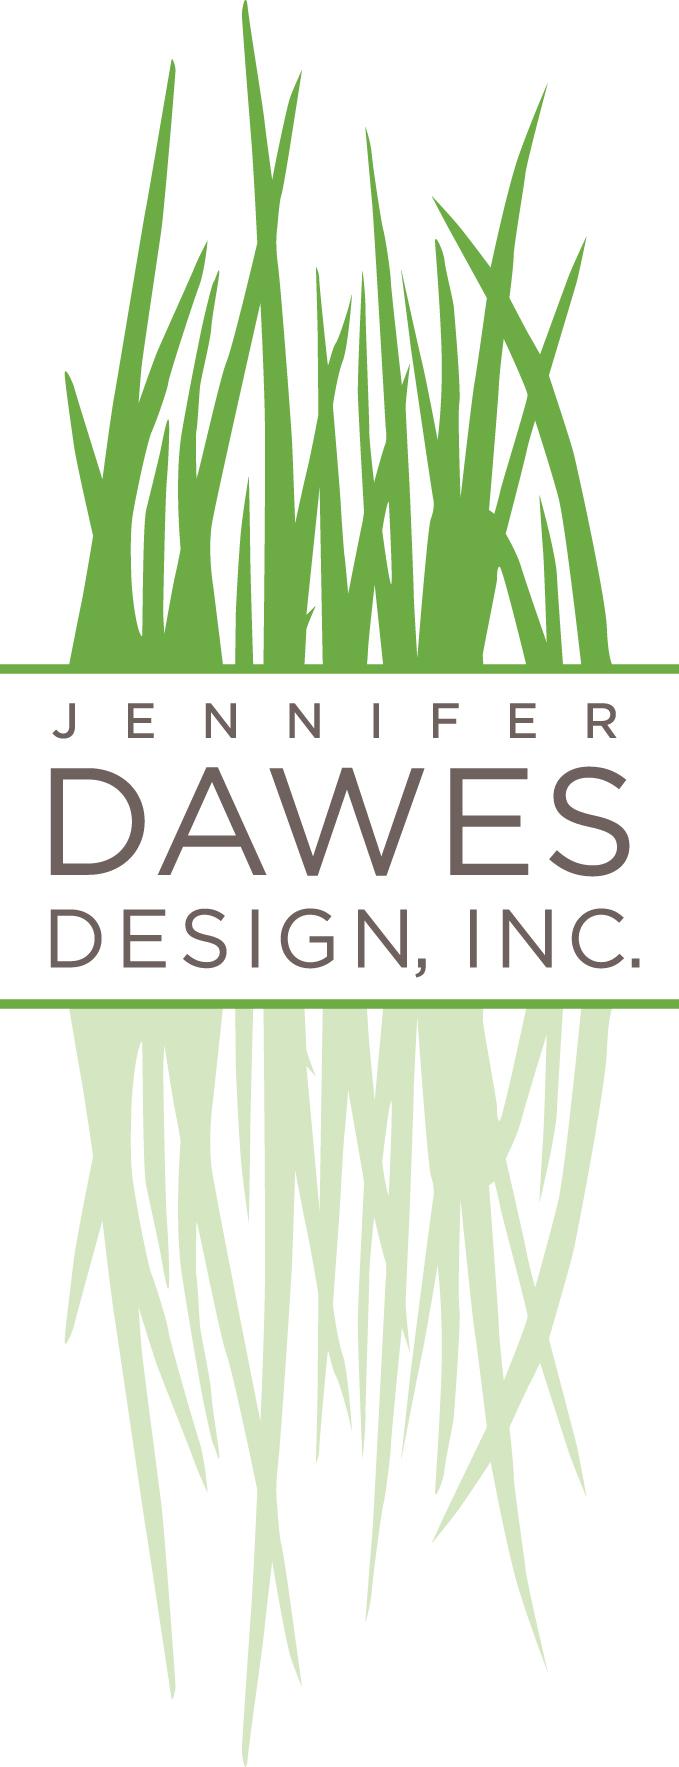 Jennifer-Dawes-logo-V.jpg